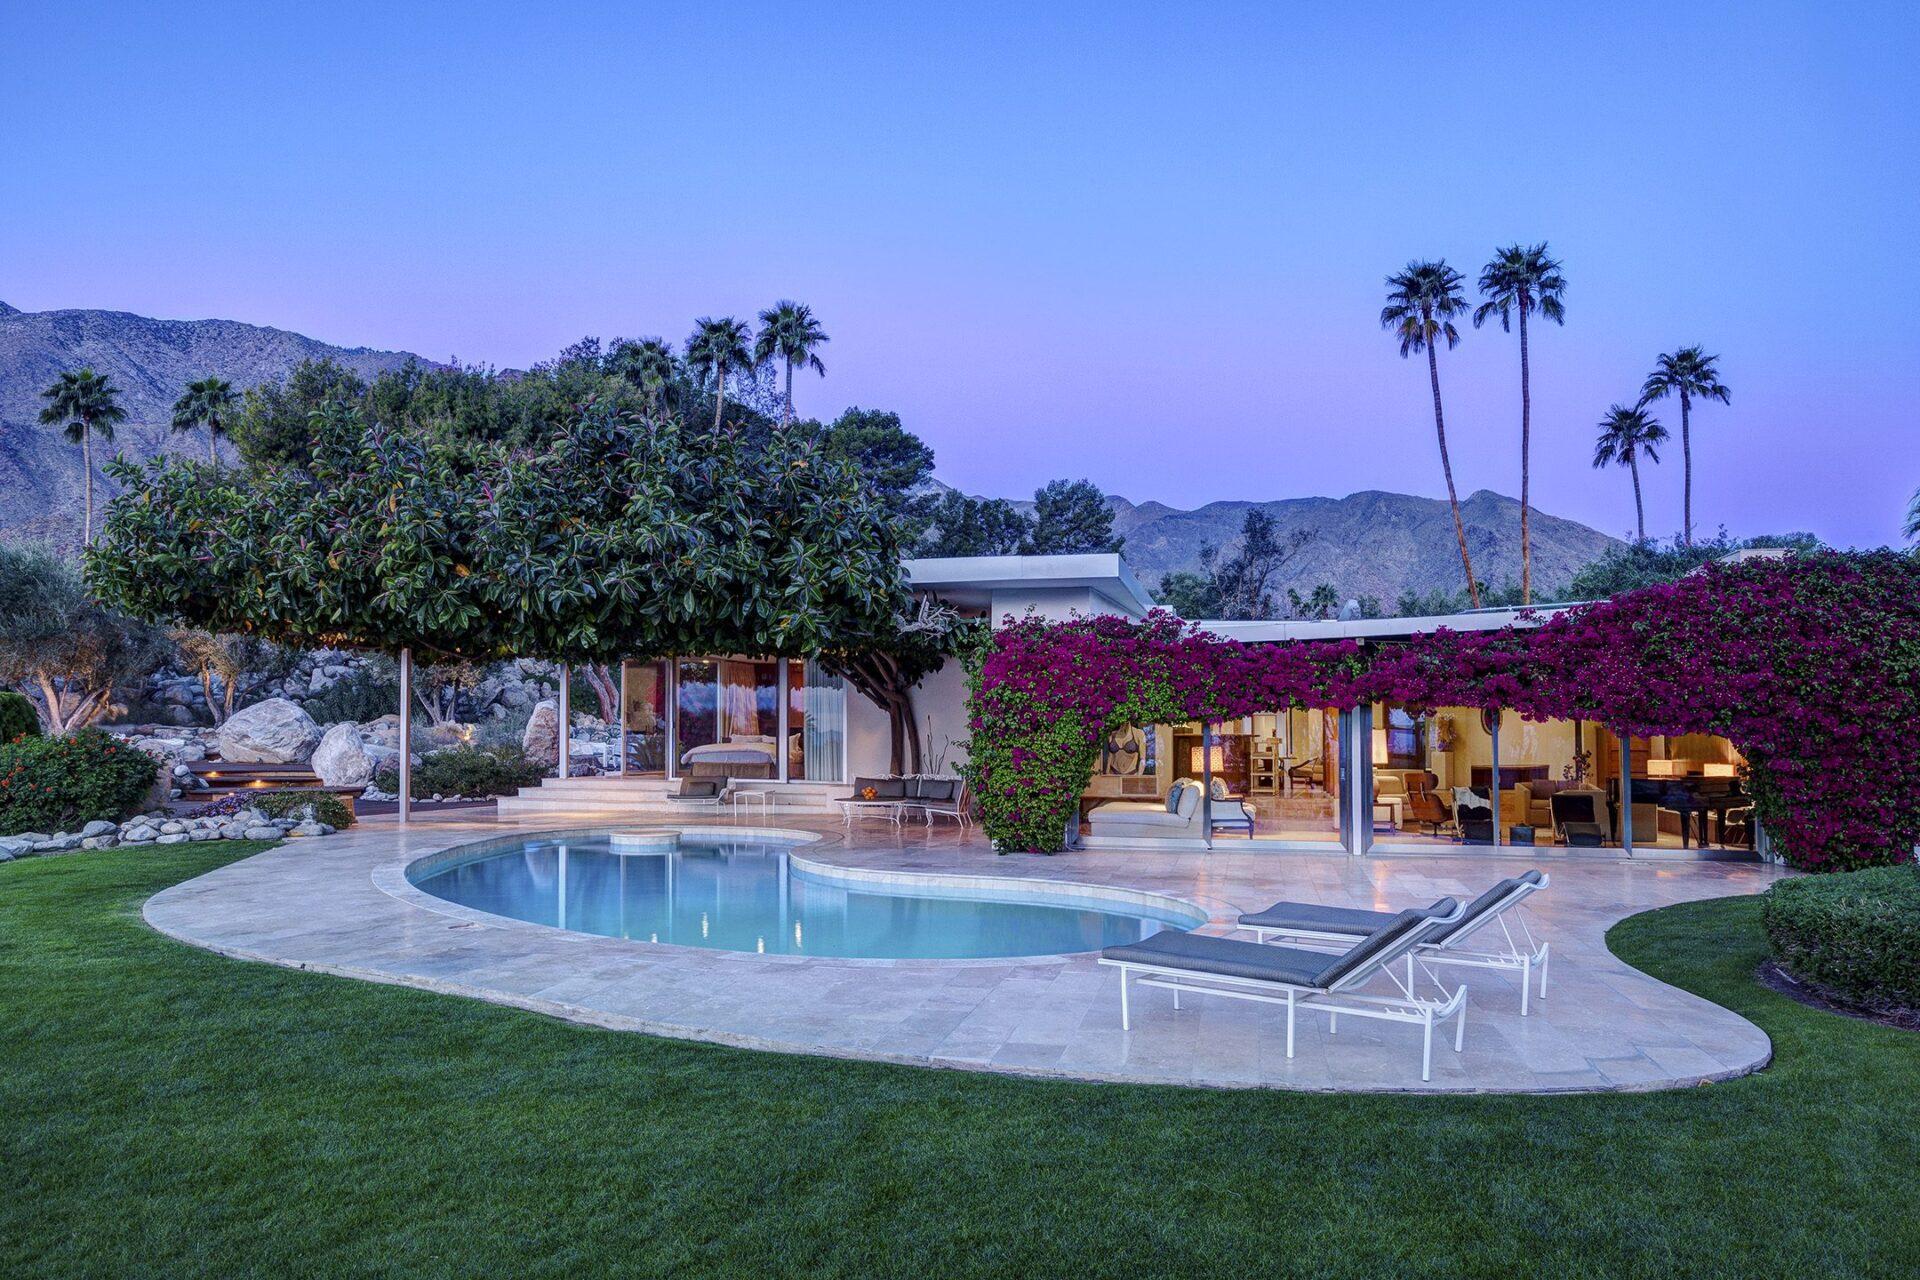 Frederick Loewe's Estate palm springs